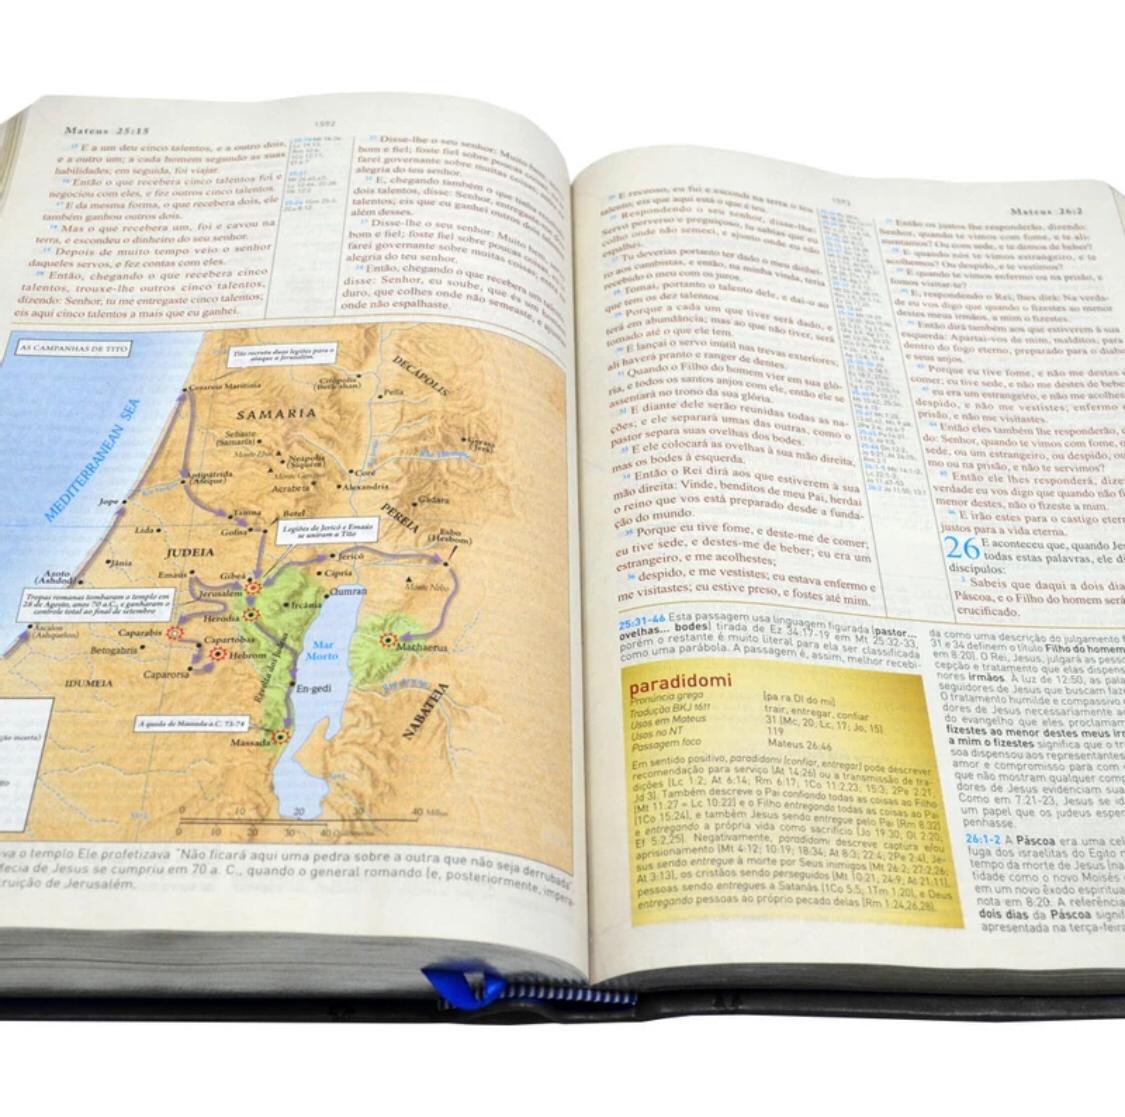 Bíblia King James 1611 Com Estudo Holman BKJ Preta e Marrom